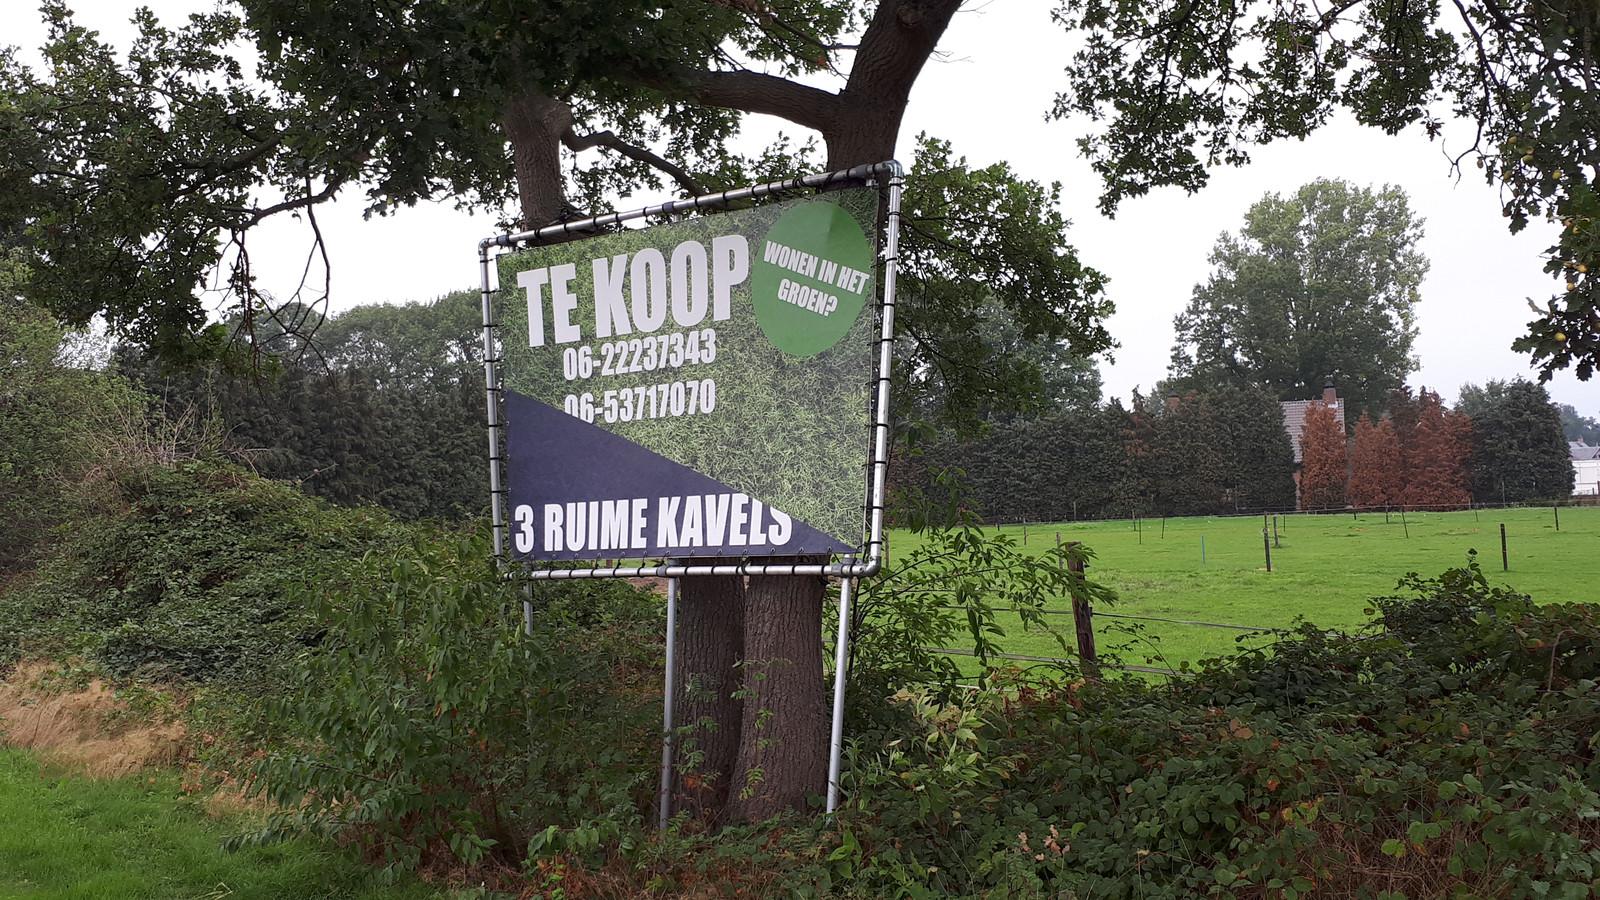 Bouwkavels te koop aan de Dennenboomstraat.